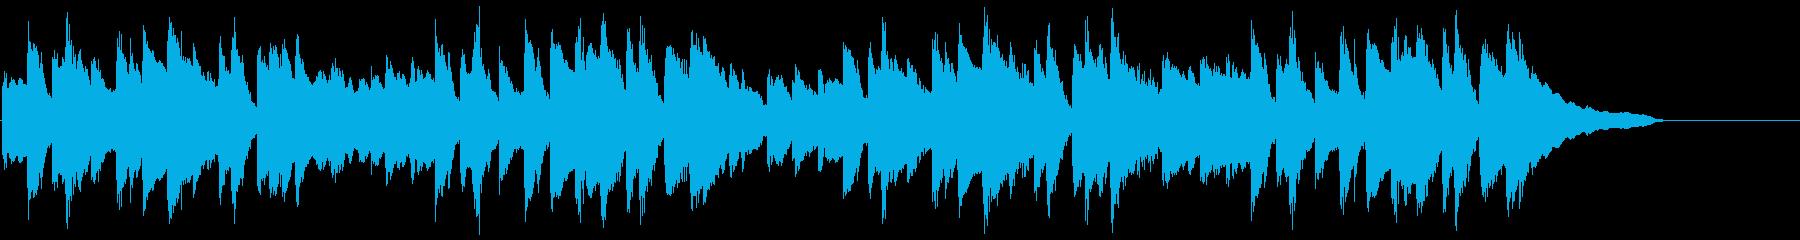 ネットCM 30秒 ソロピアノ 日常の再生済みの波形